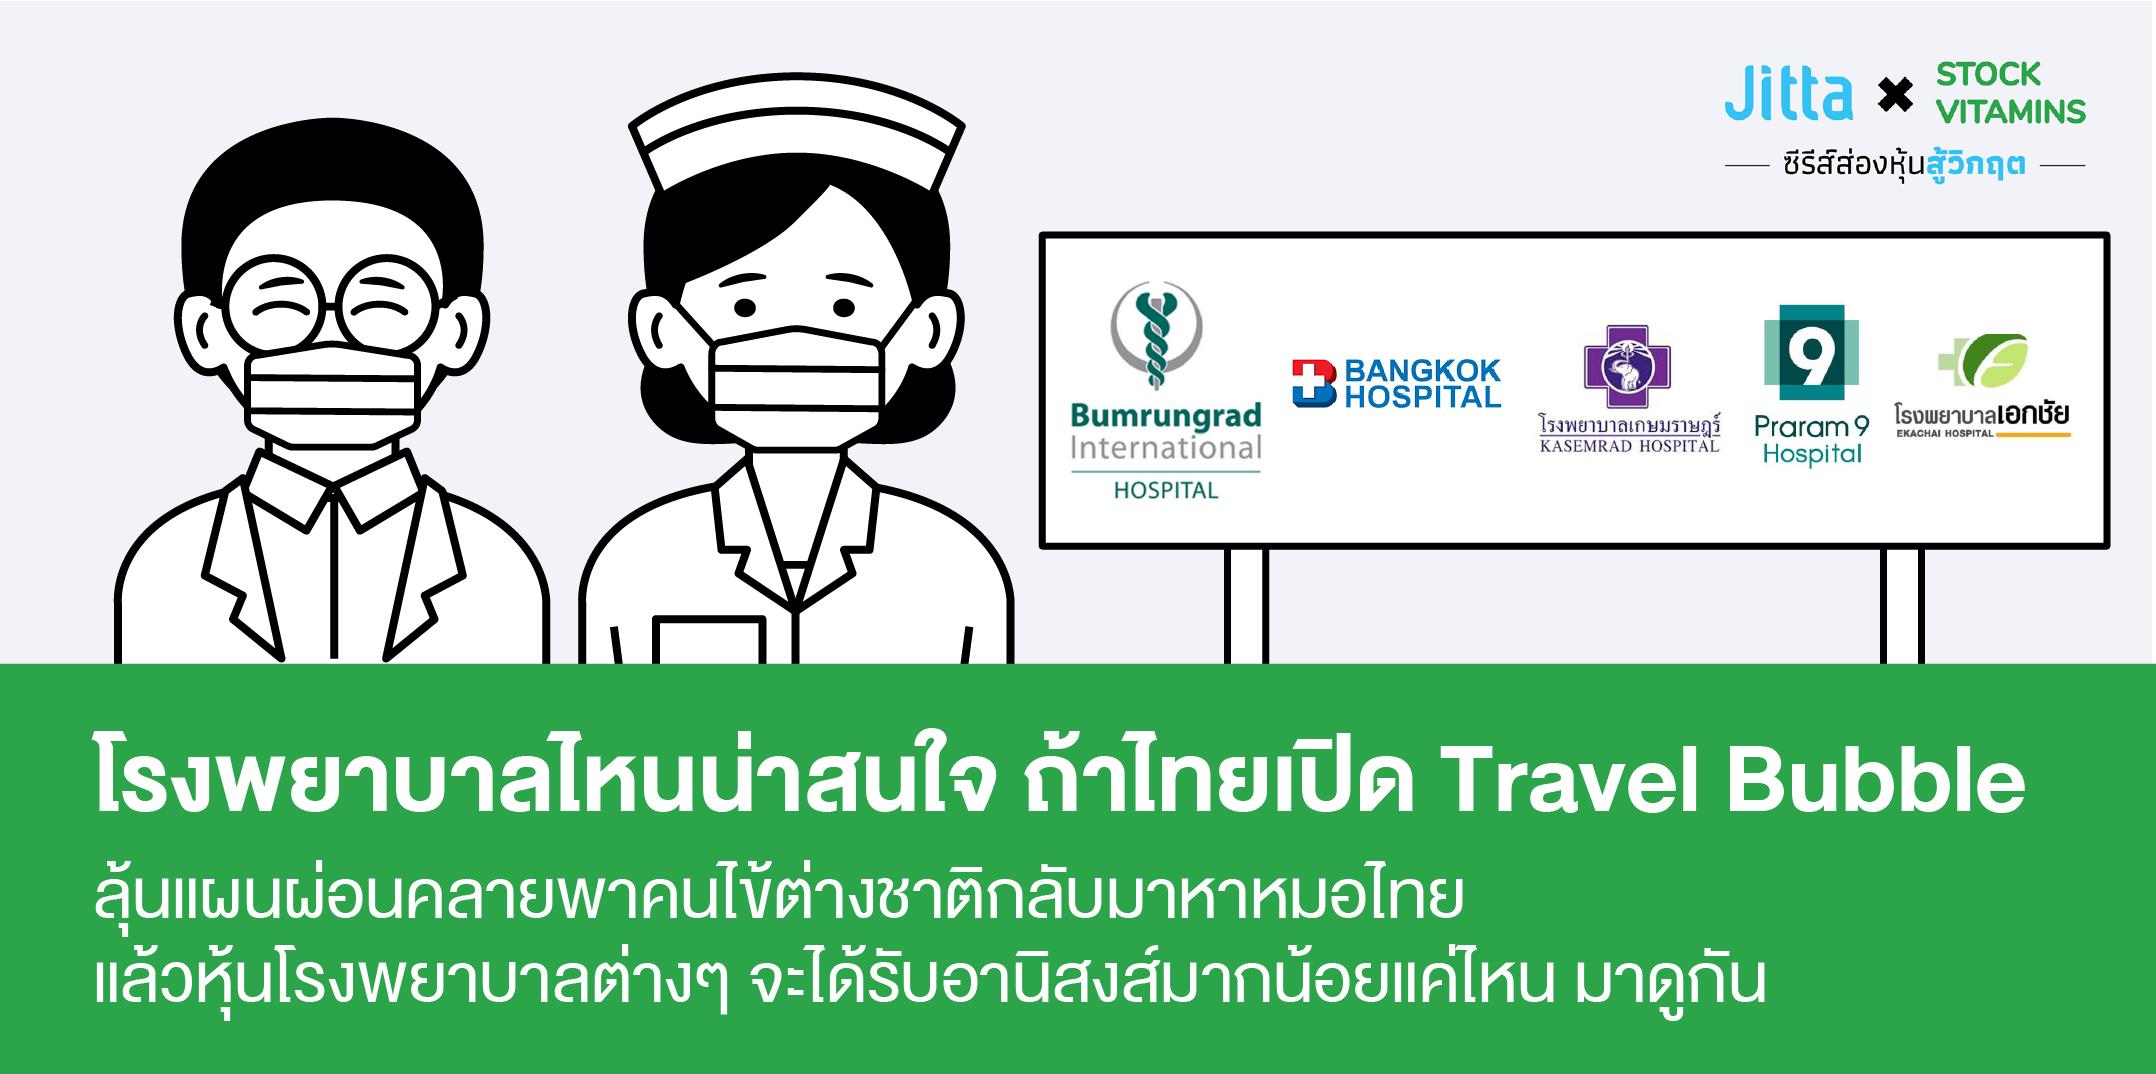 🏥 คนไข้ต่างชาติที่ลดลง กับหุ้นโรงพยาบาล 🏥